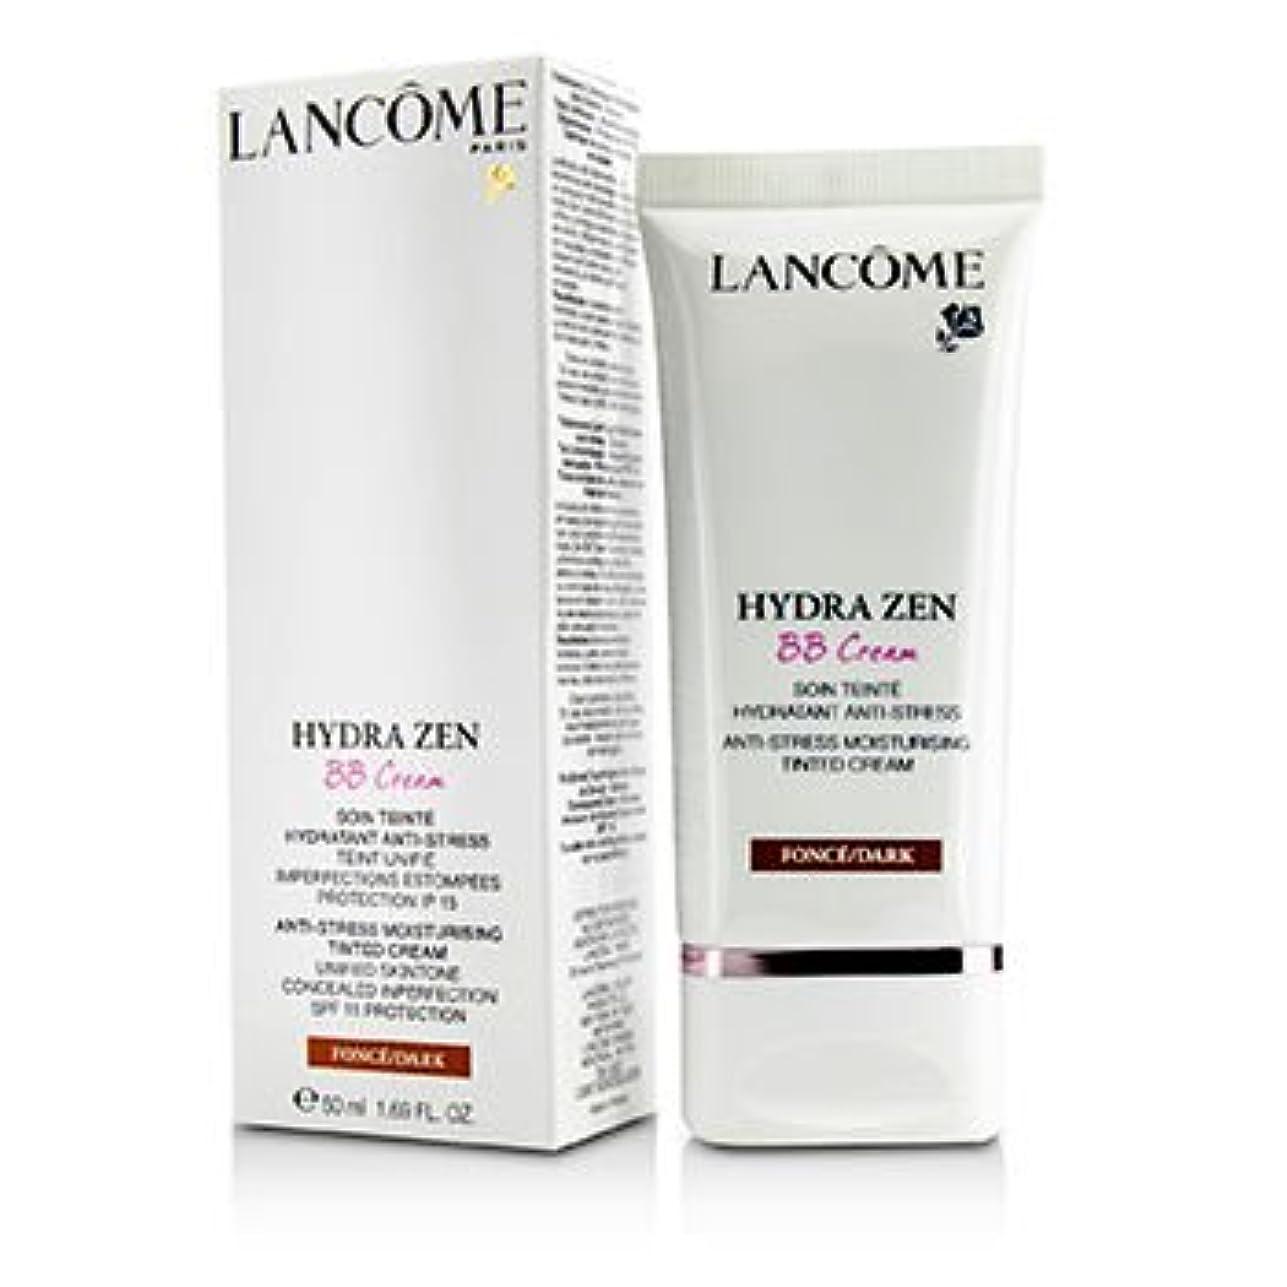 偶然学部長後継[Lancome] Lancome Hydra Zen (BB Cream) Anti-Stress Moisturising Tinted Cream SPF 15 - # Dark 50ml/1.69oz